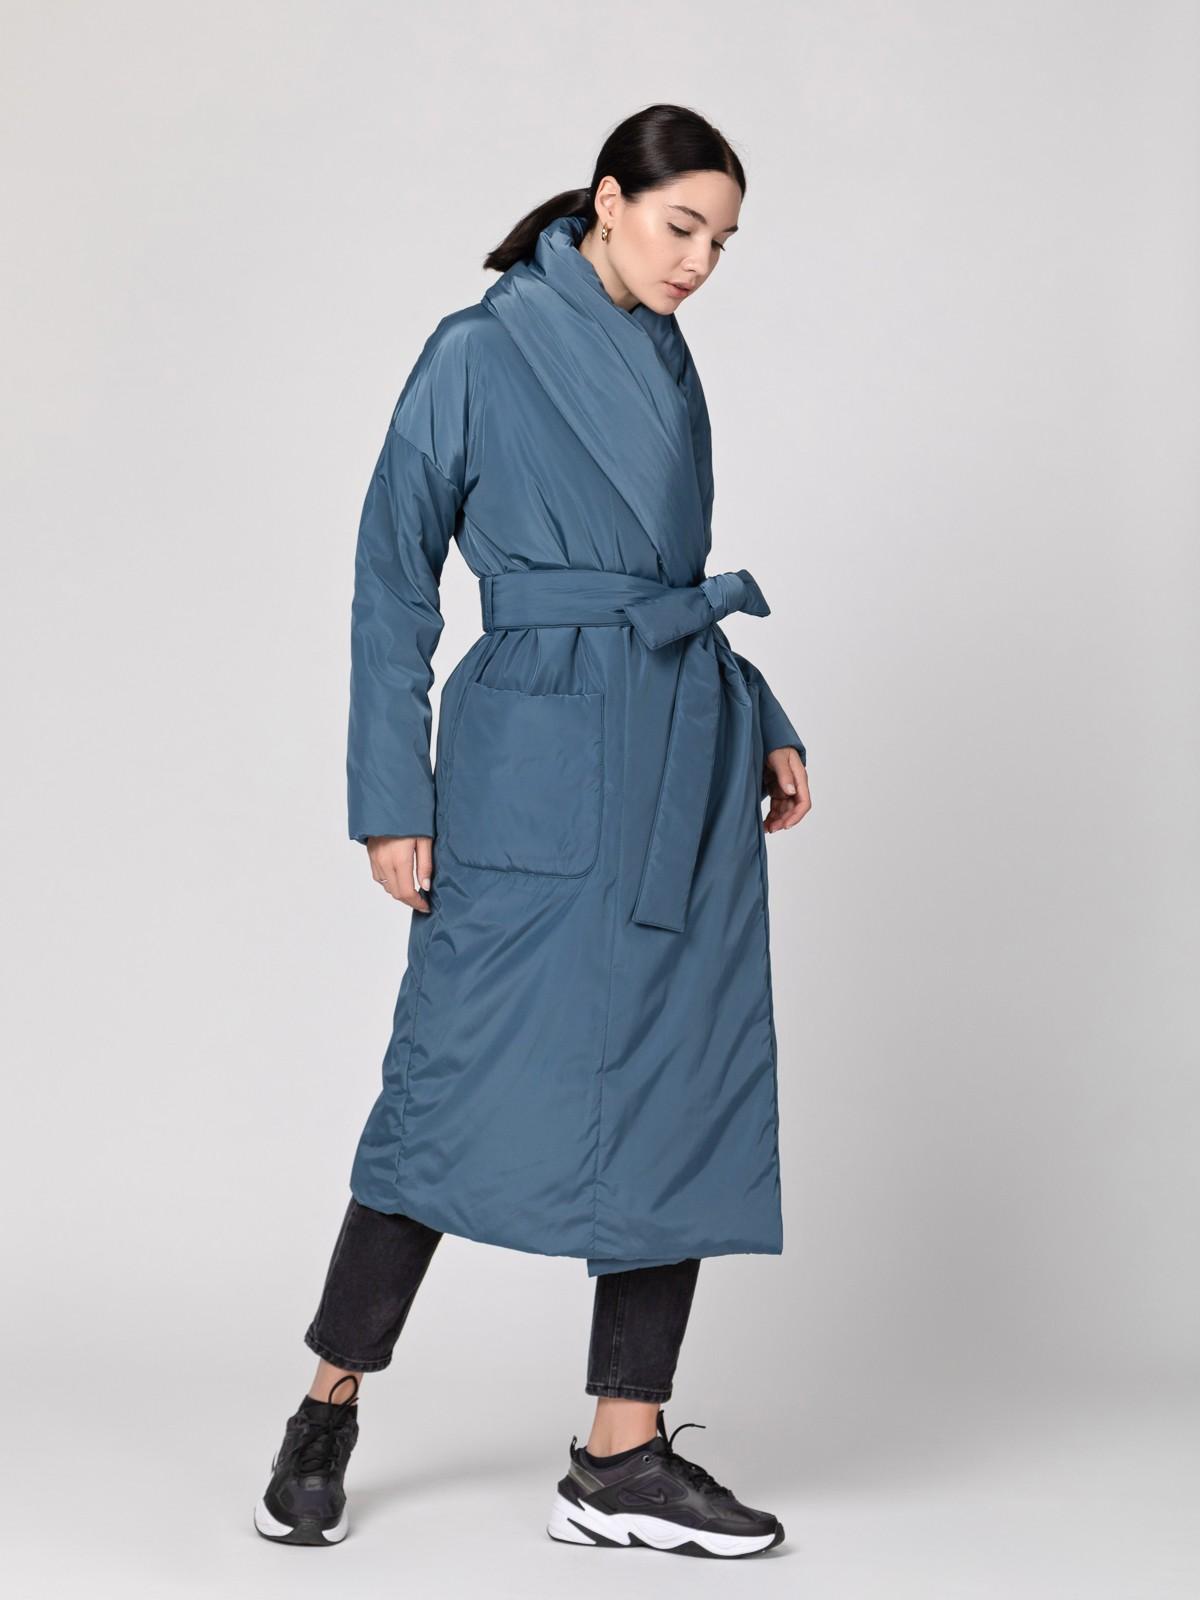 Пуховик-одеяло с шалевым воротником Grey Blue